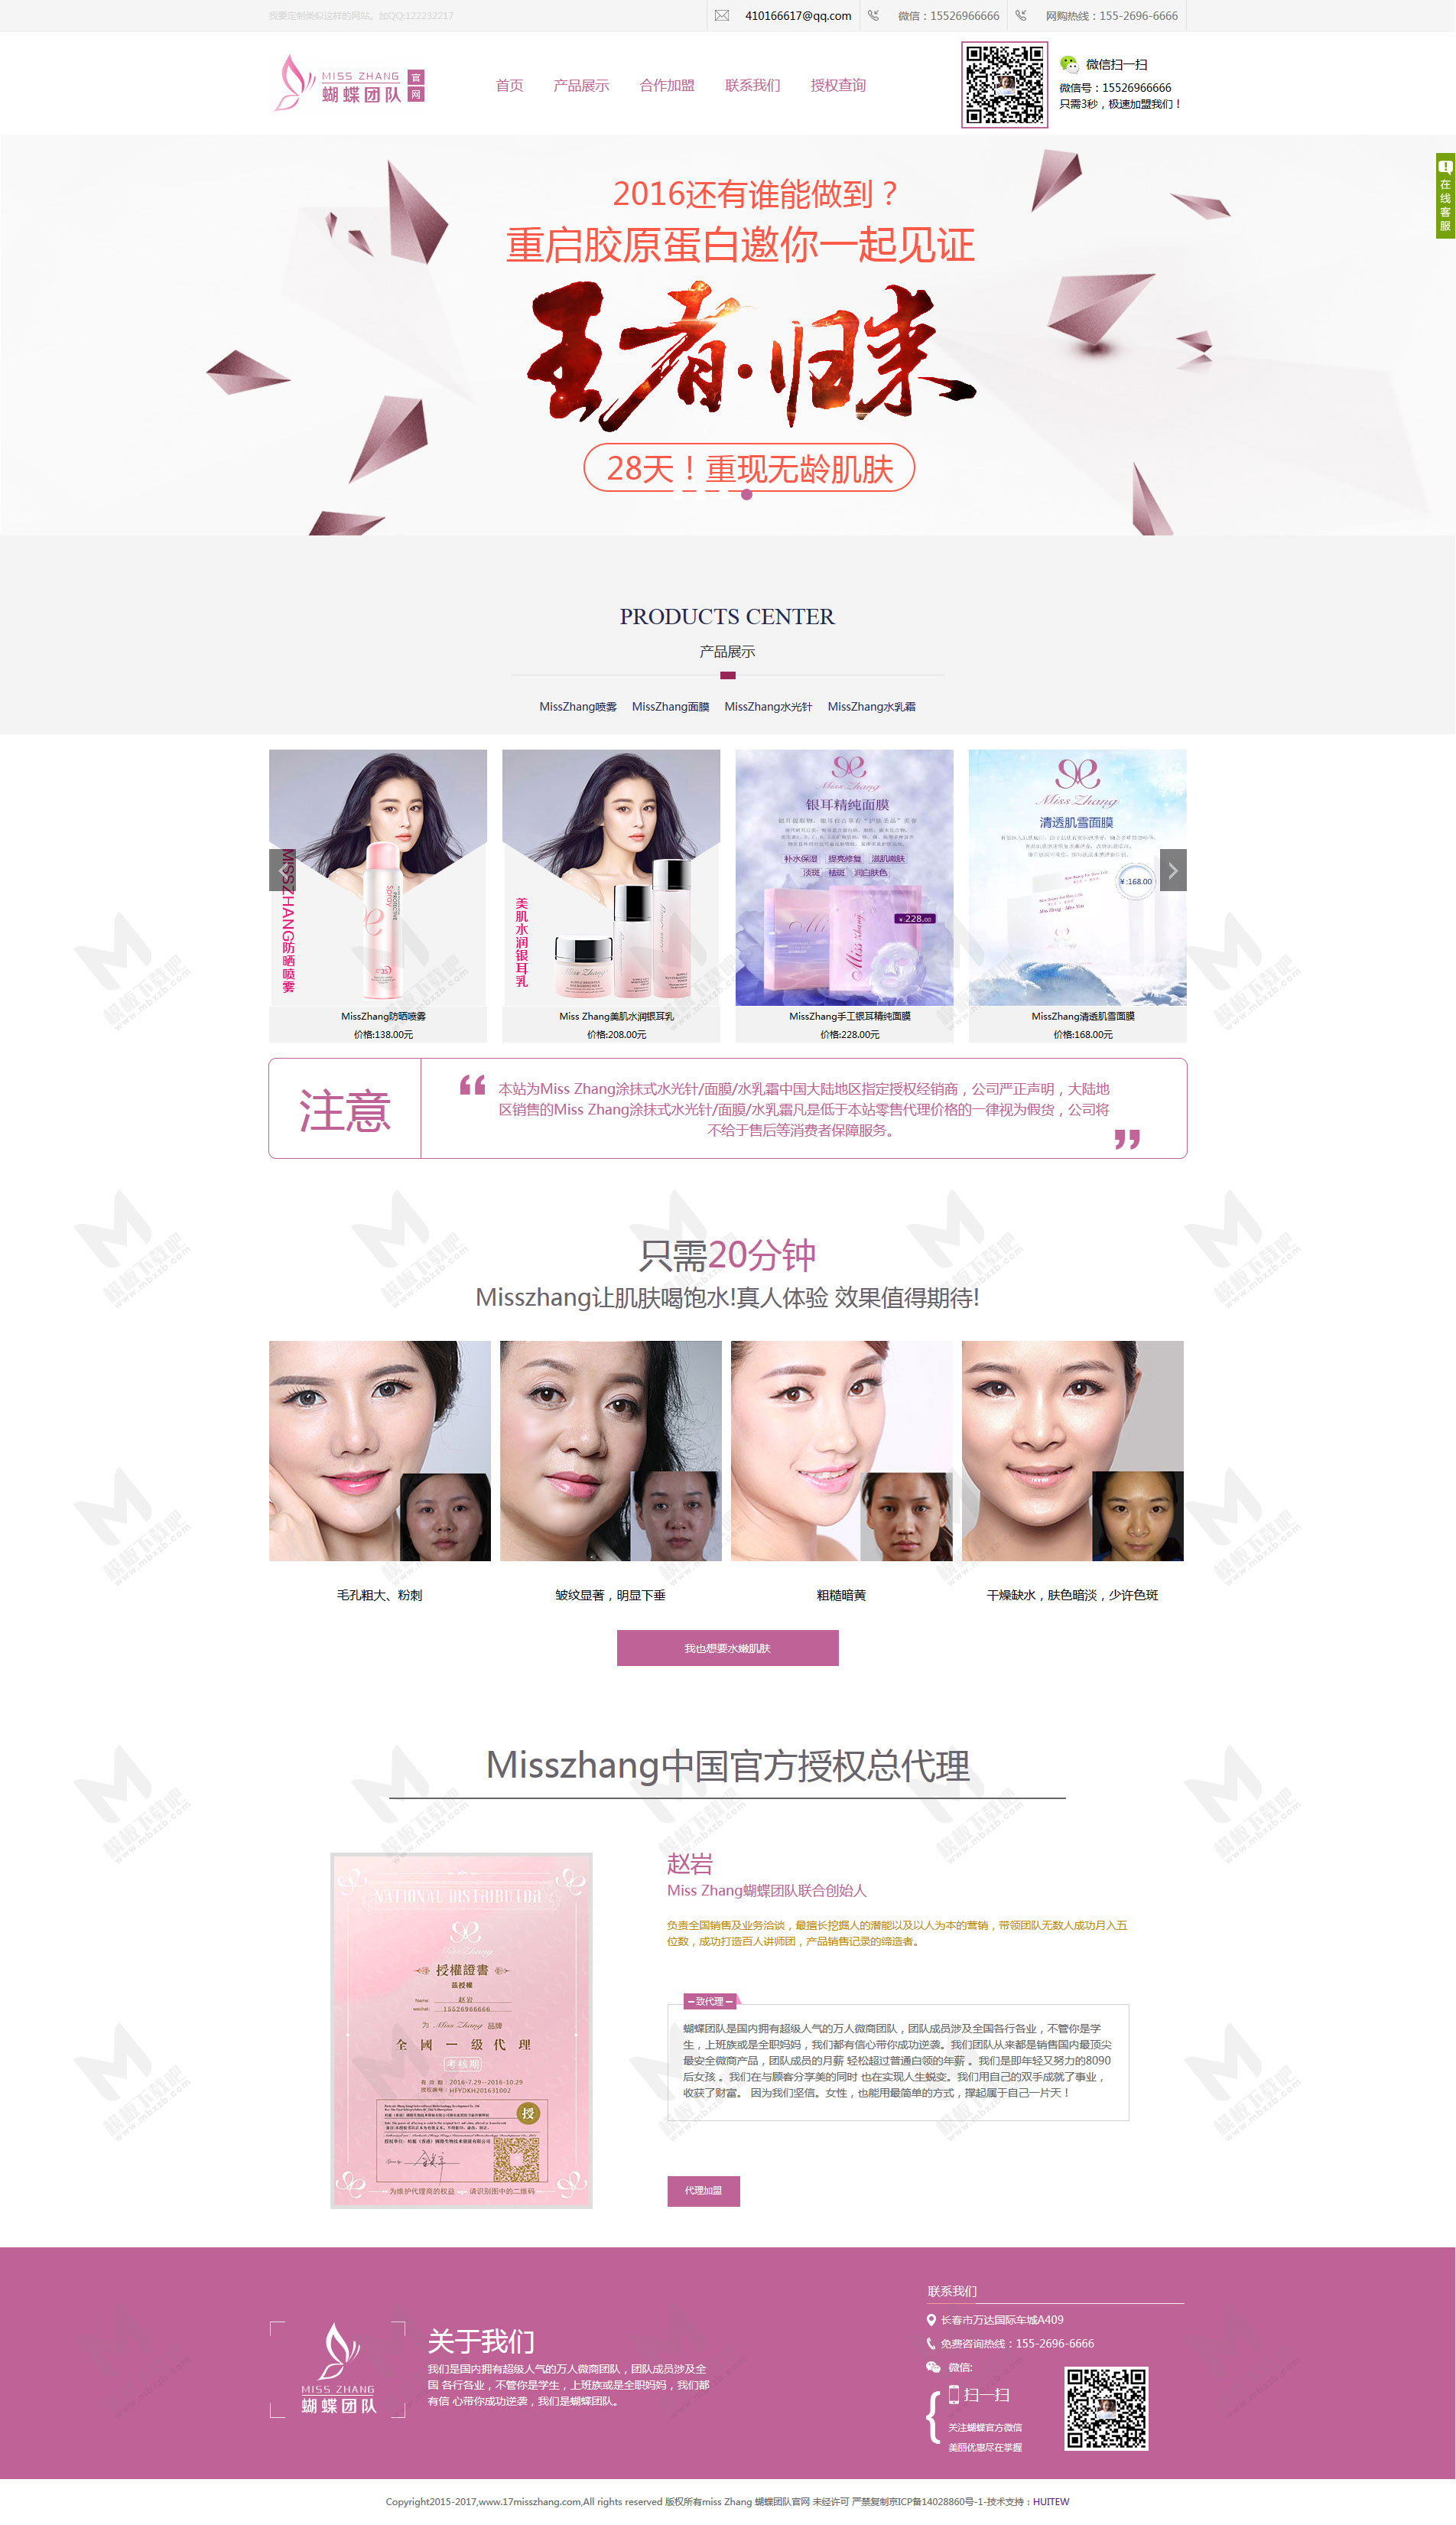 微商洗护品牌化妆品网站模板+代理查询授权+带手机版(微商必备)